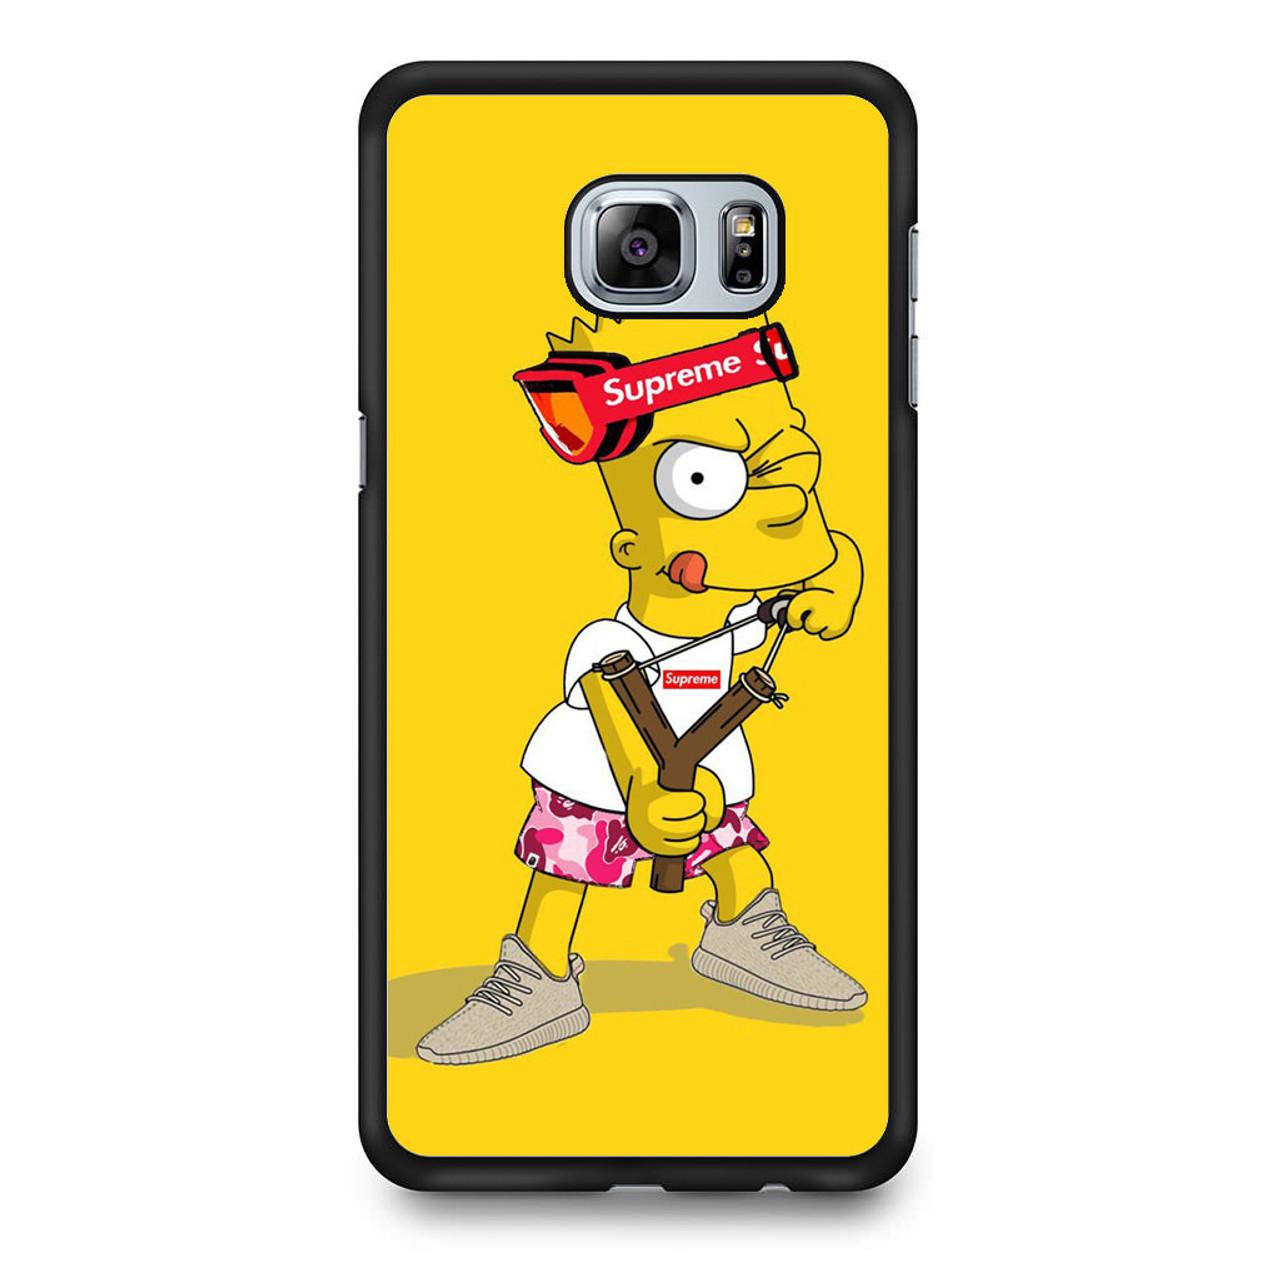 on sale 125f4 56aed Explore Bart Simpson Supreme Samsung Galaxy S6 Edge Plus Case